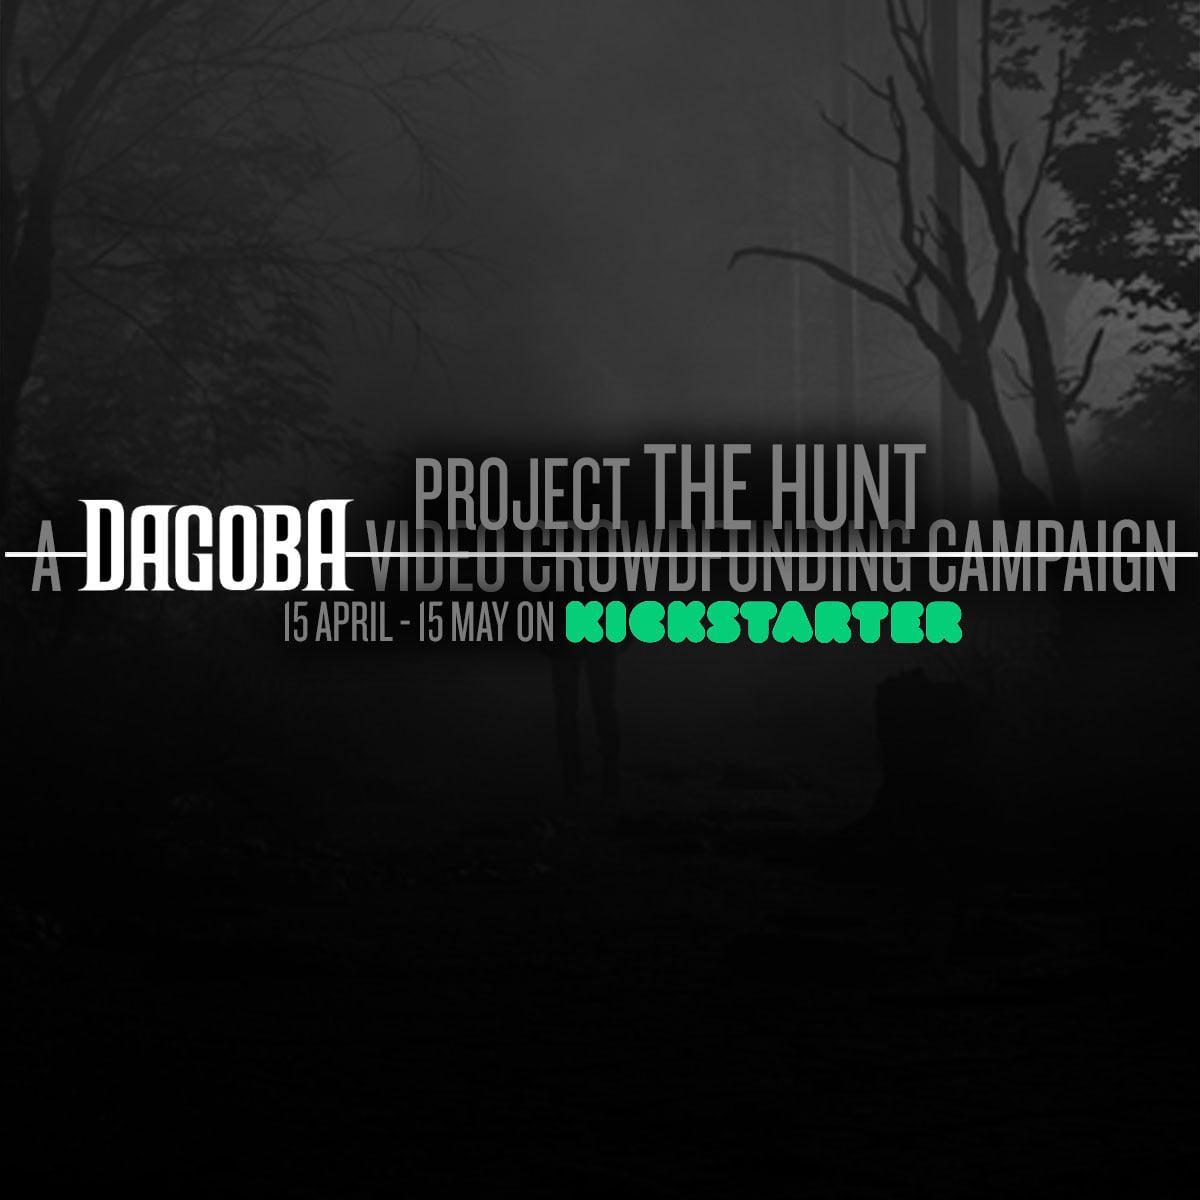 Dagoba kickstarter campaign line